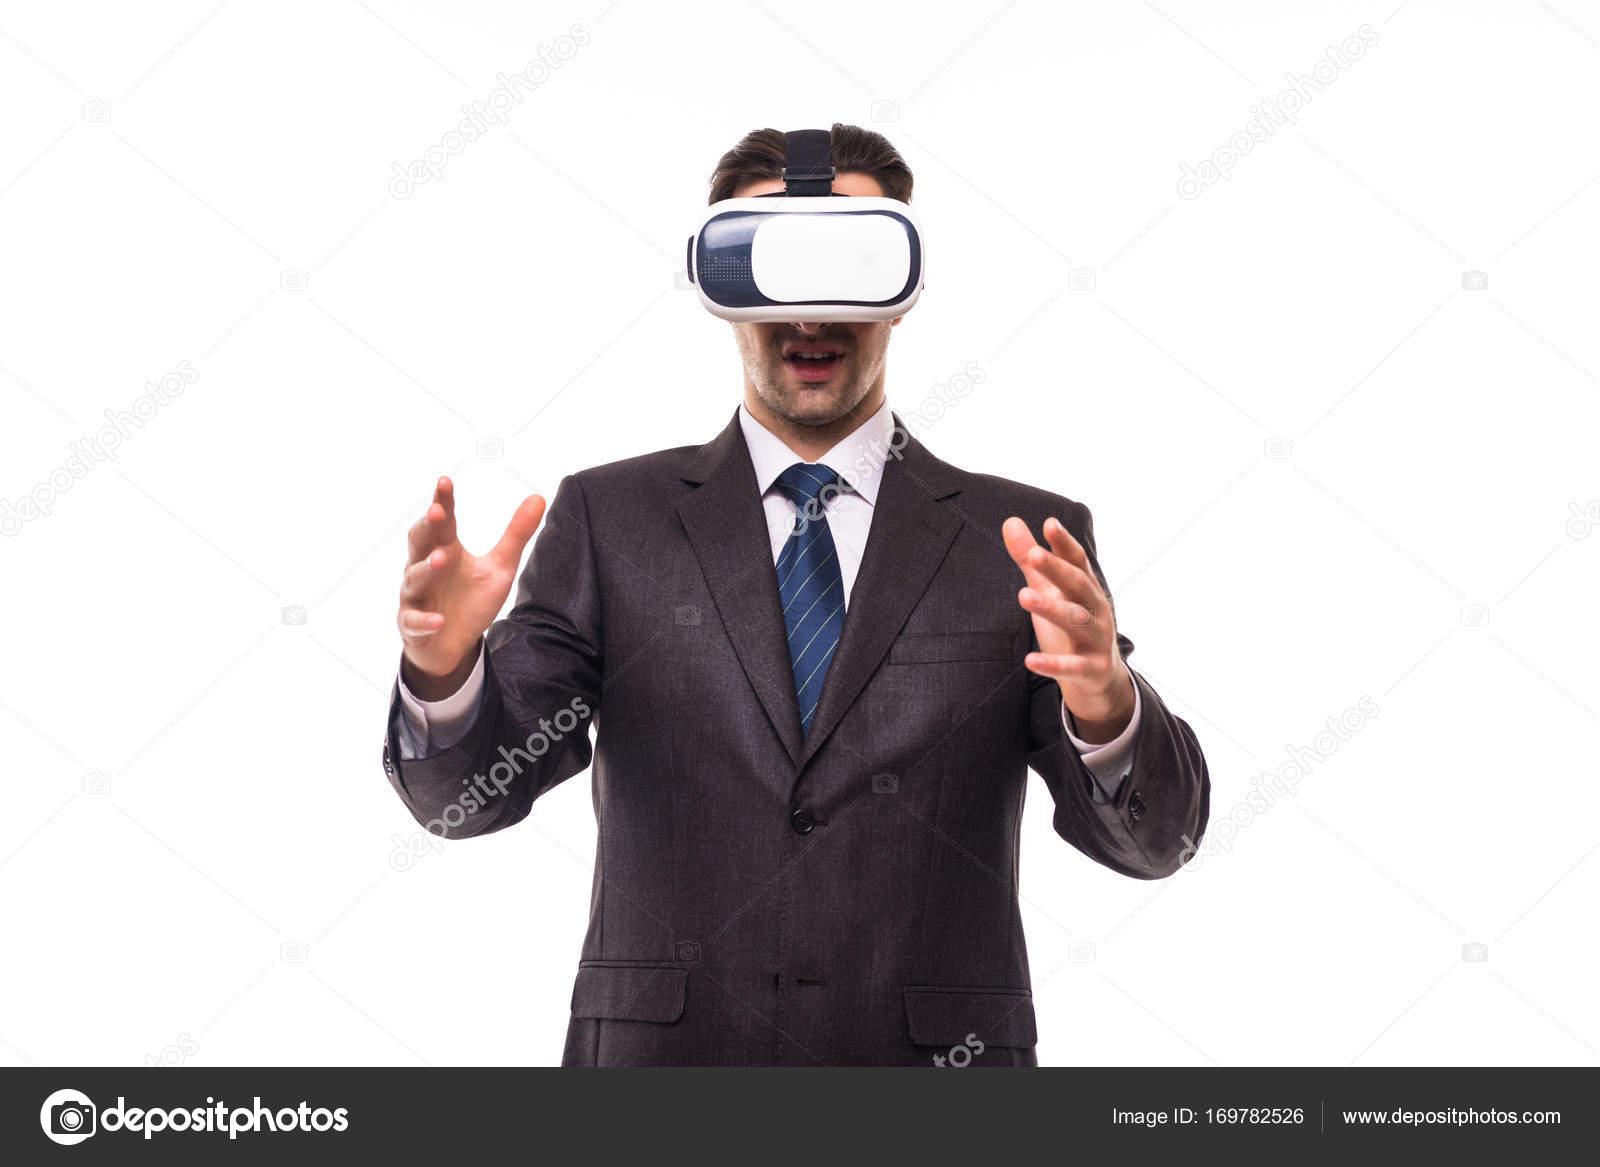 dcc419de2e Tecnología de visión 3D, gafas de realidad virtual. Persona del sexo  masculino en traje